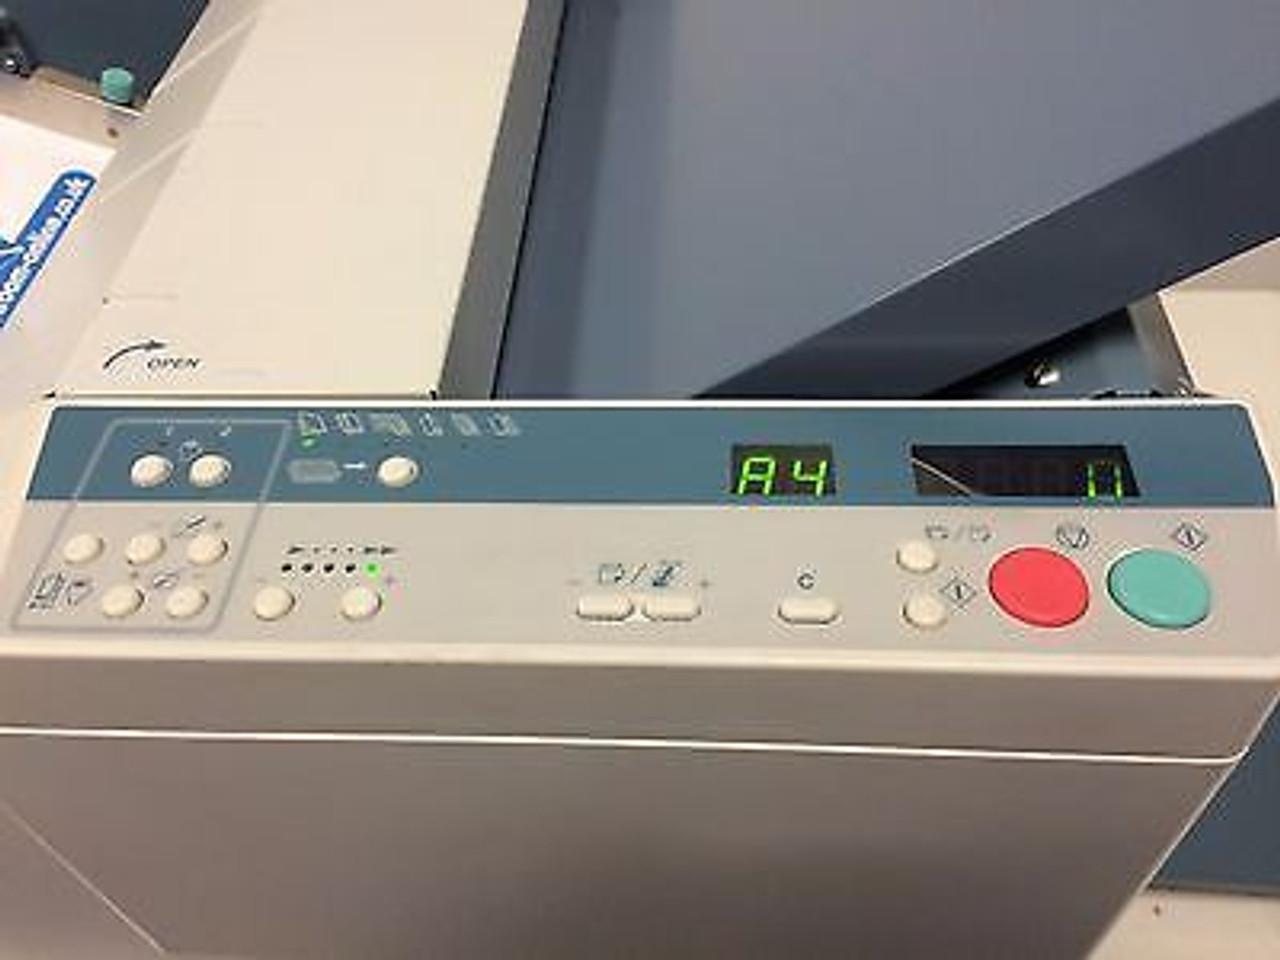 Duplo DF-915 - A3 A4 A5 Automatic Paper Folding Machine - REFURBISHED